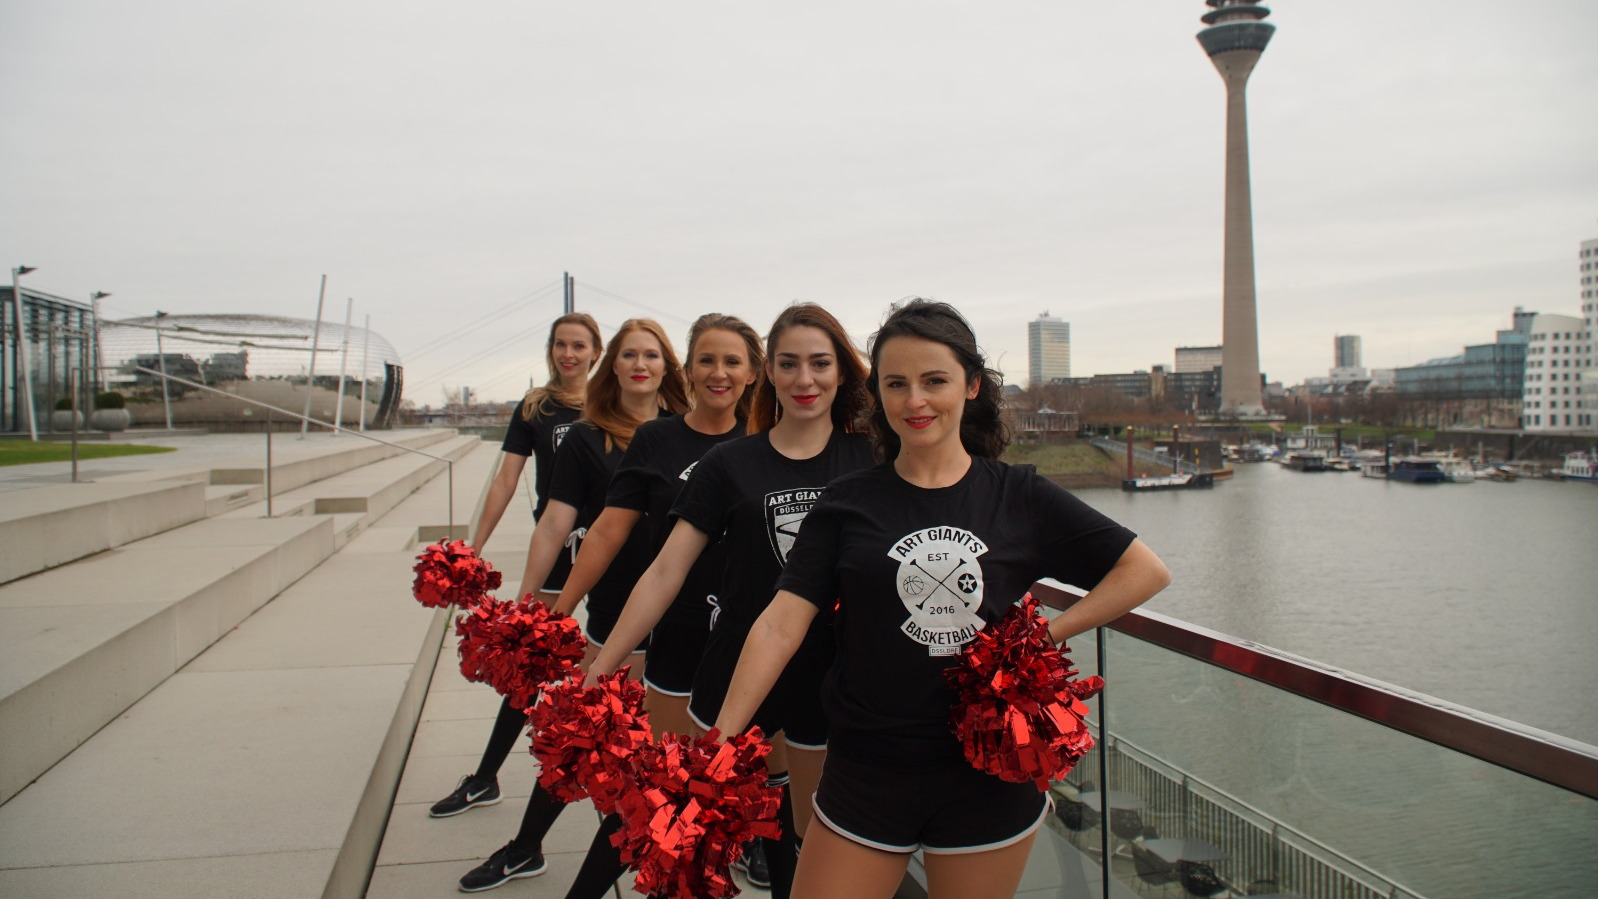 Düsseldorf Cheer Company Startet Mit Doubleheader In Die Saison